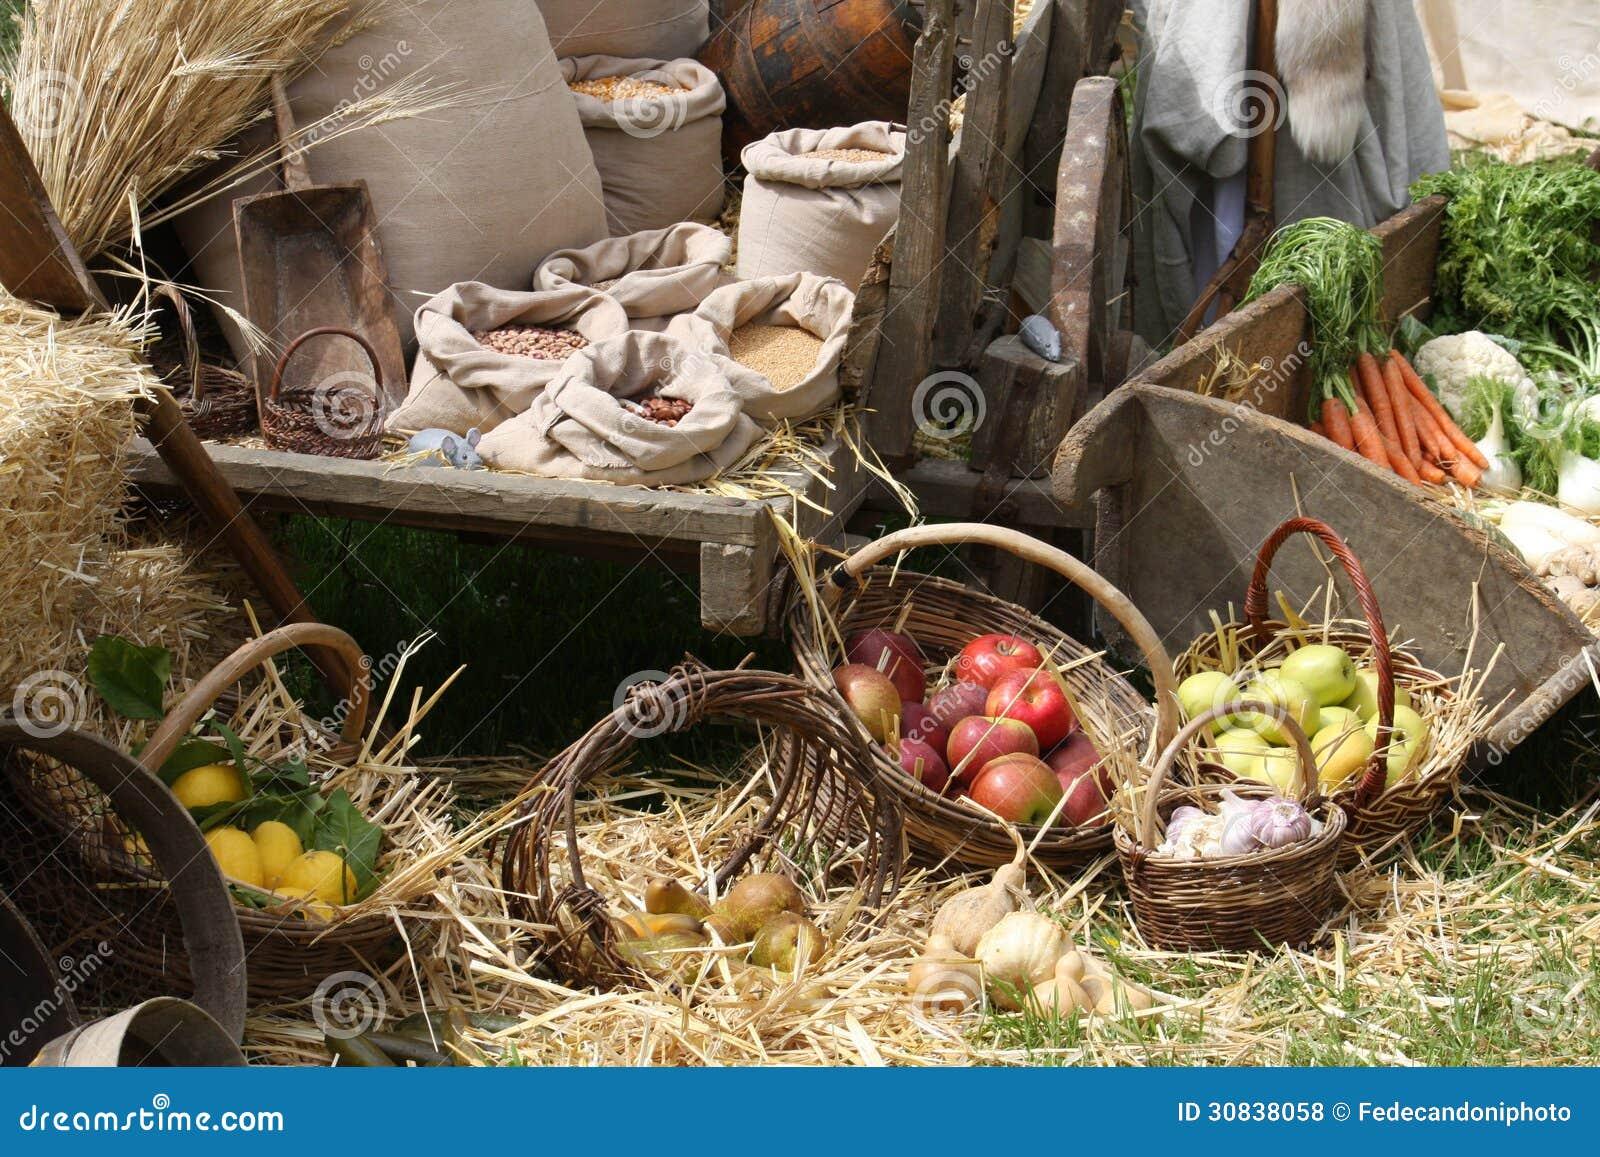 Carro e cestas com frutas e legumes para a venda em foto - Carro de frutas ...